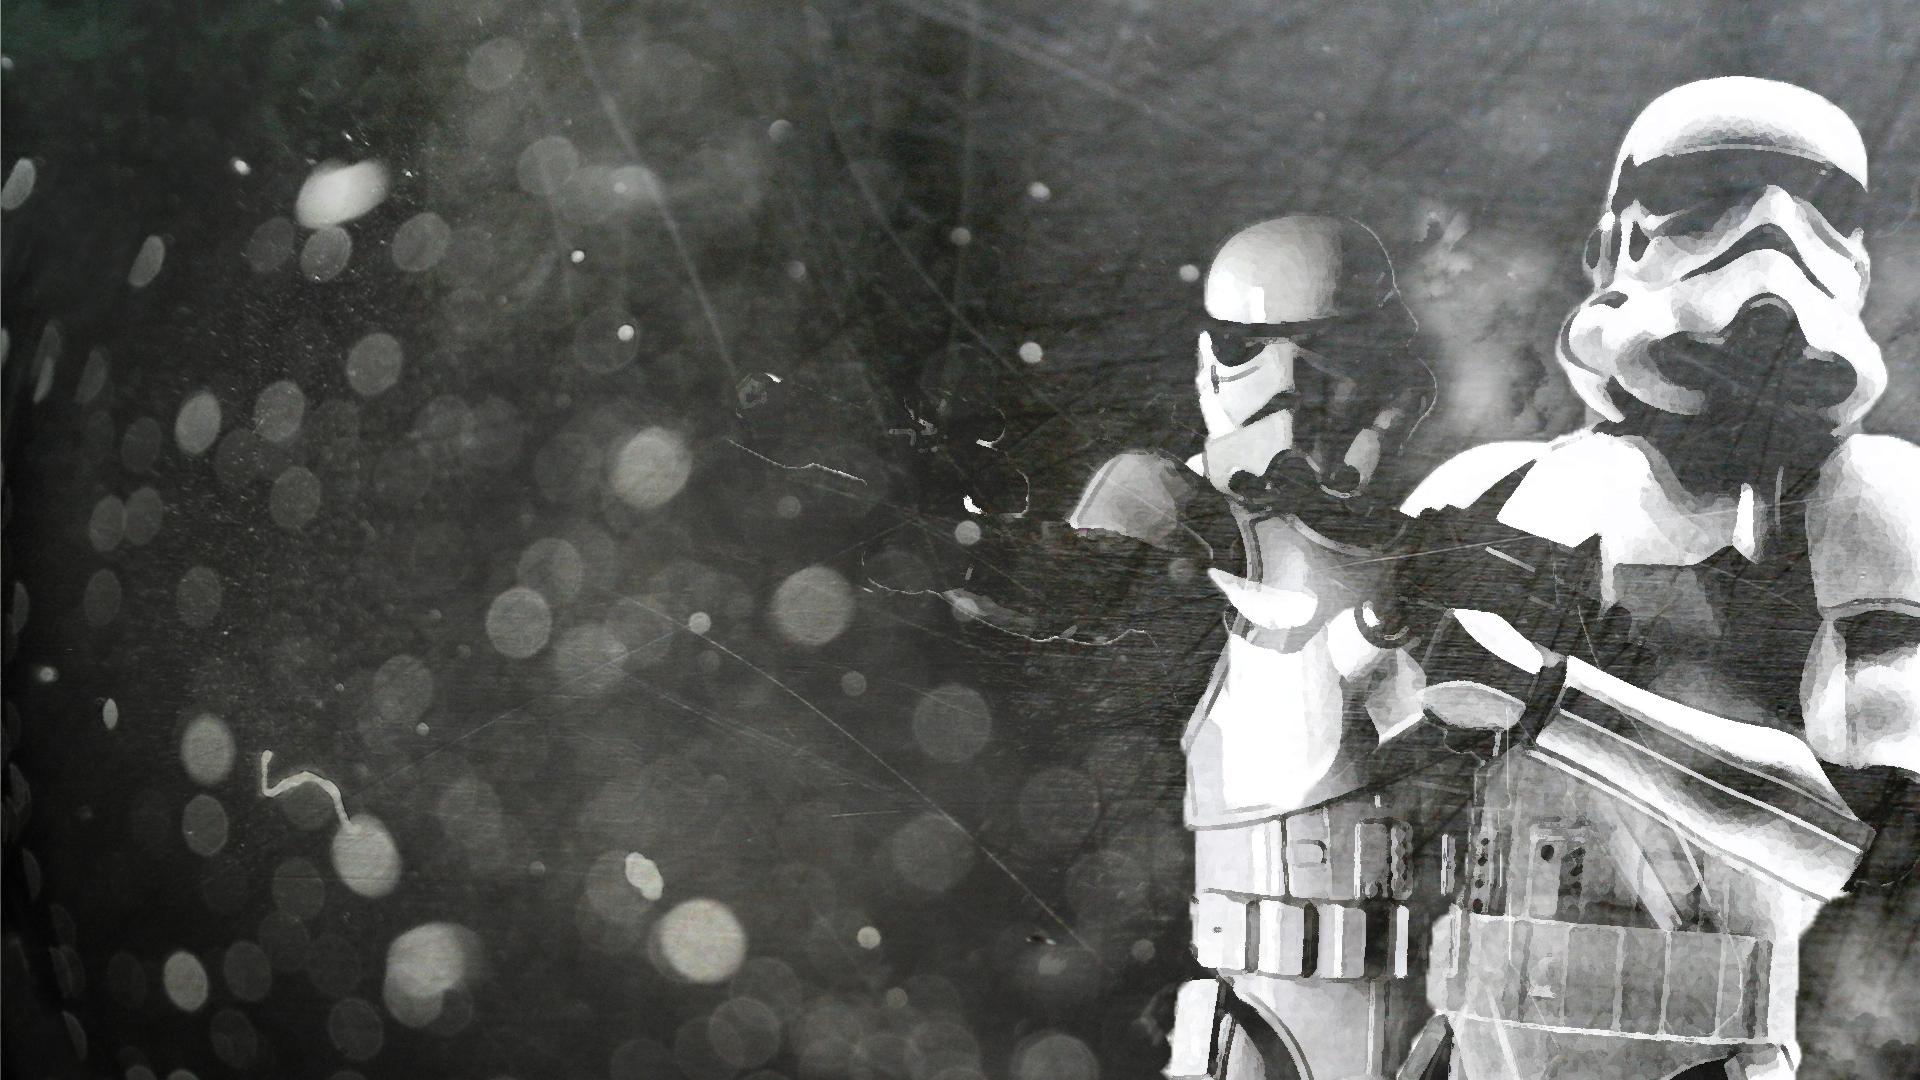 Stormtrooper Wallpaper by Sorrowda on